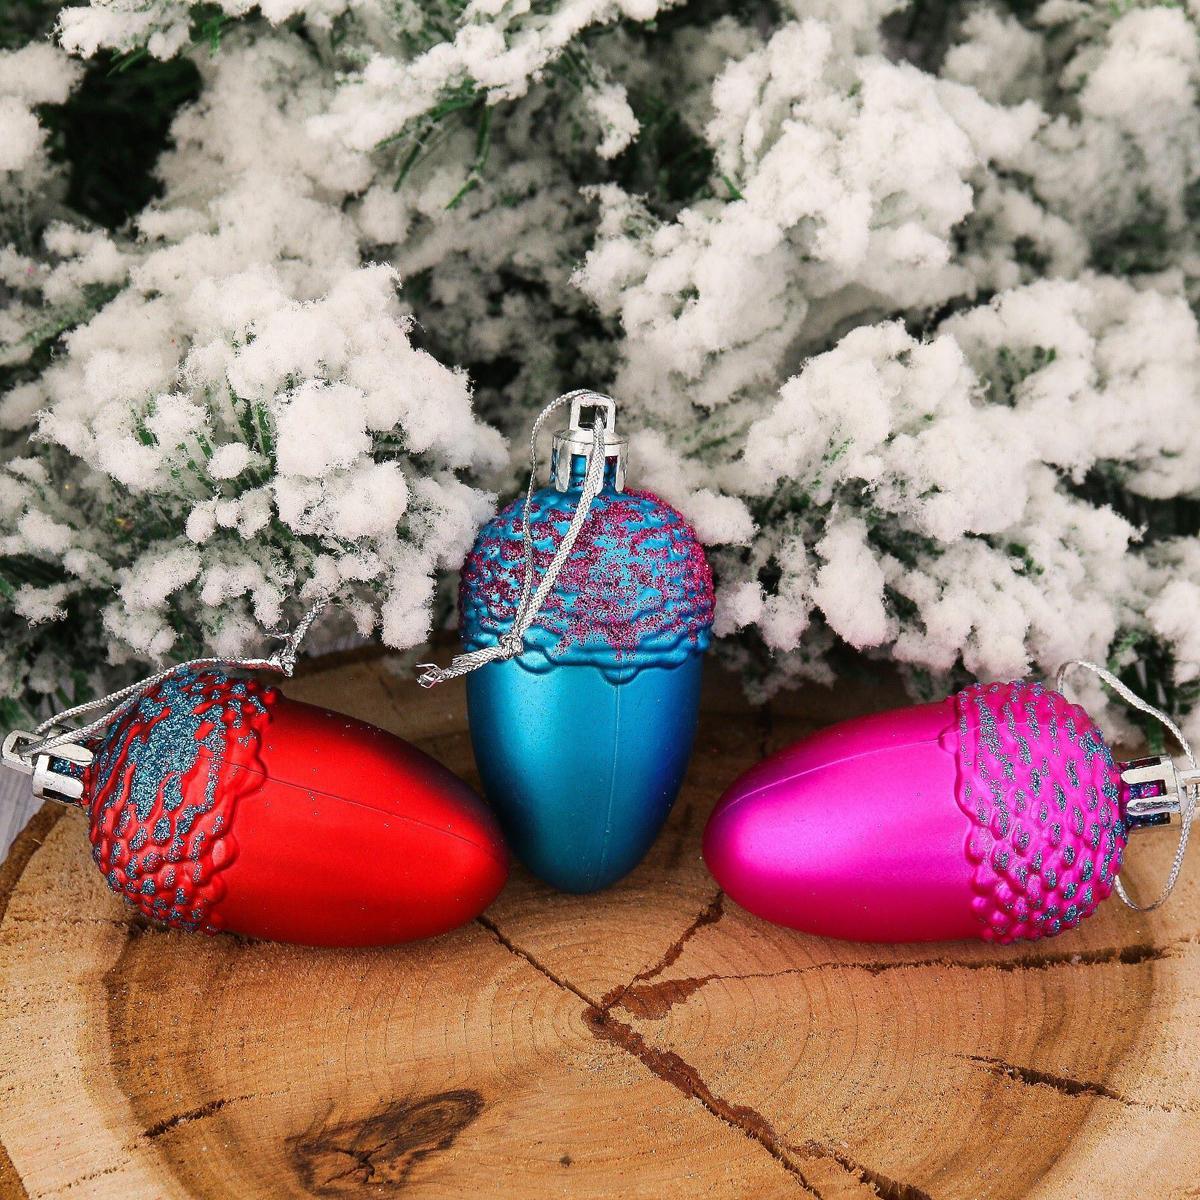 Набор новогодних подвесных украшений Желудь, 6 х 4 см, 6 шт2123067Набор новогодних подвесных украшений отлично подойдет для декорации вашего дома и новогодней ели. С помощью специальной петельки украшение можно повесить в любом понравившемся вам месте. Но, конечно, удачнее всего оно будет смотреться на праздничной елке.Елочная игрушка - символ Нового года. Она несет в себе волшебство и красоту праздника. Такое украшение создаст в вашем доме атмосферу праздника, веселья и радости.